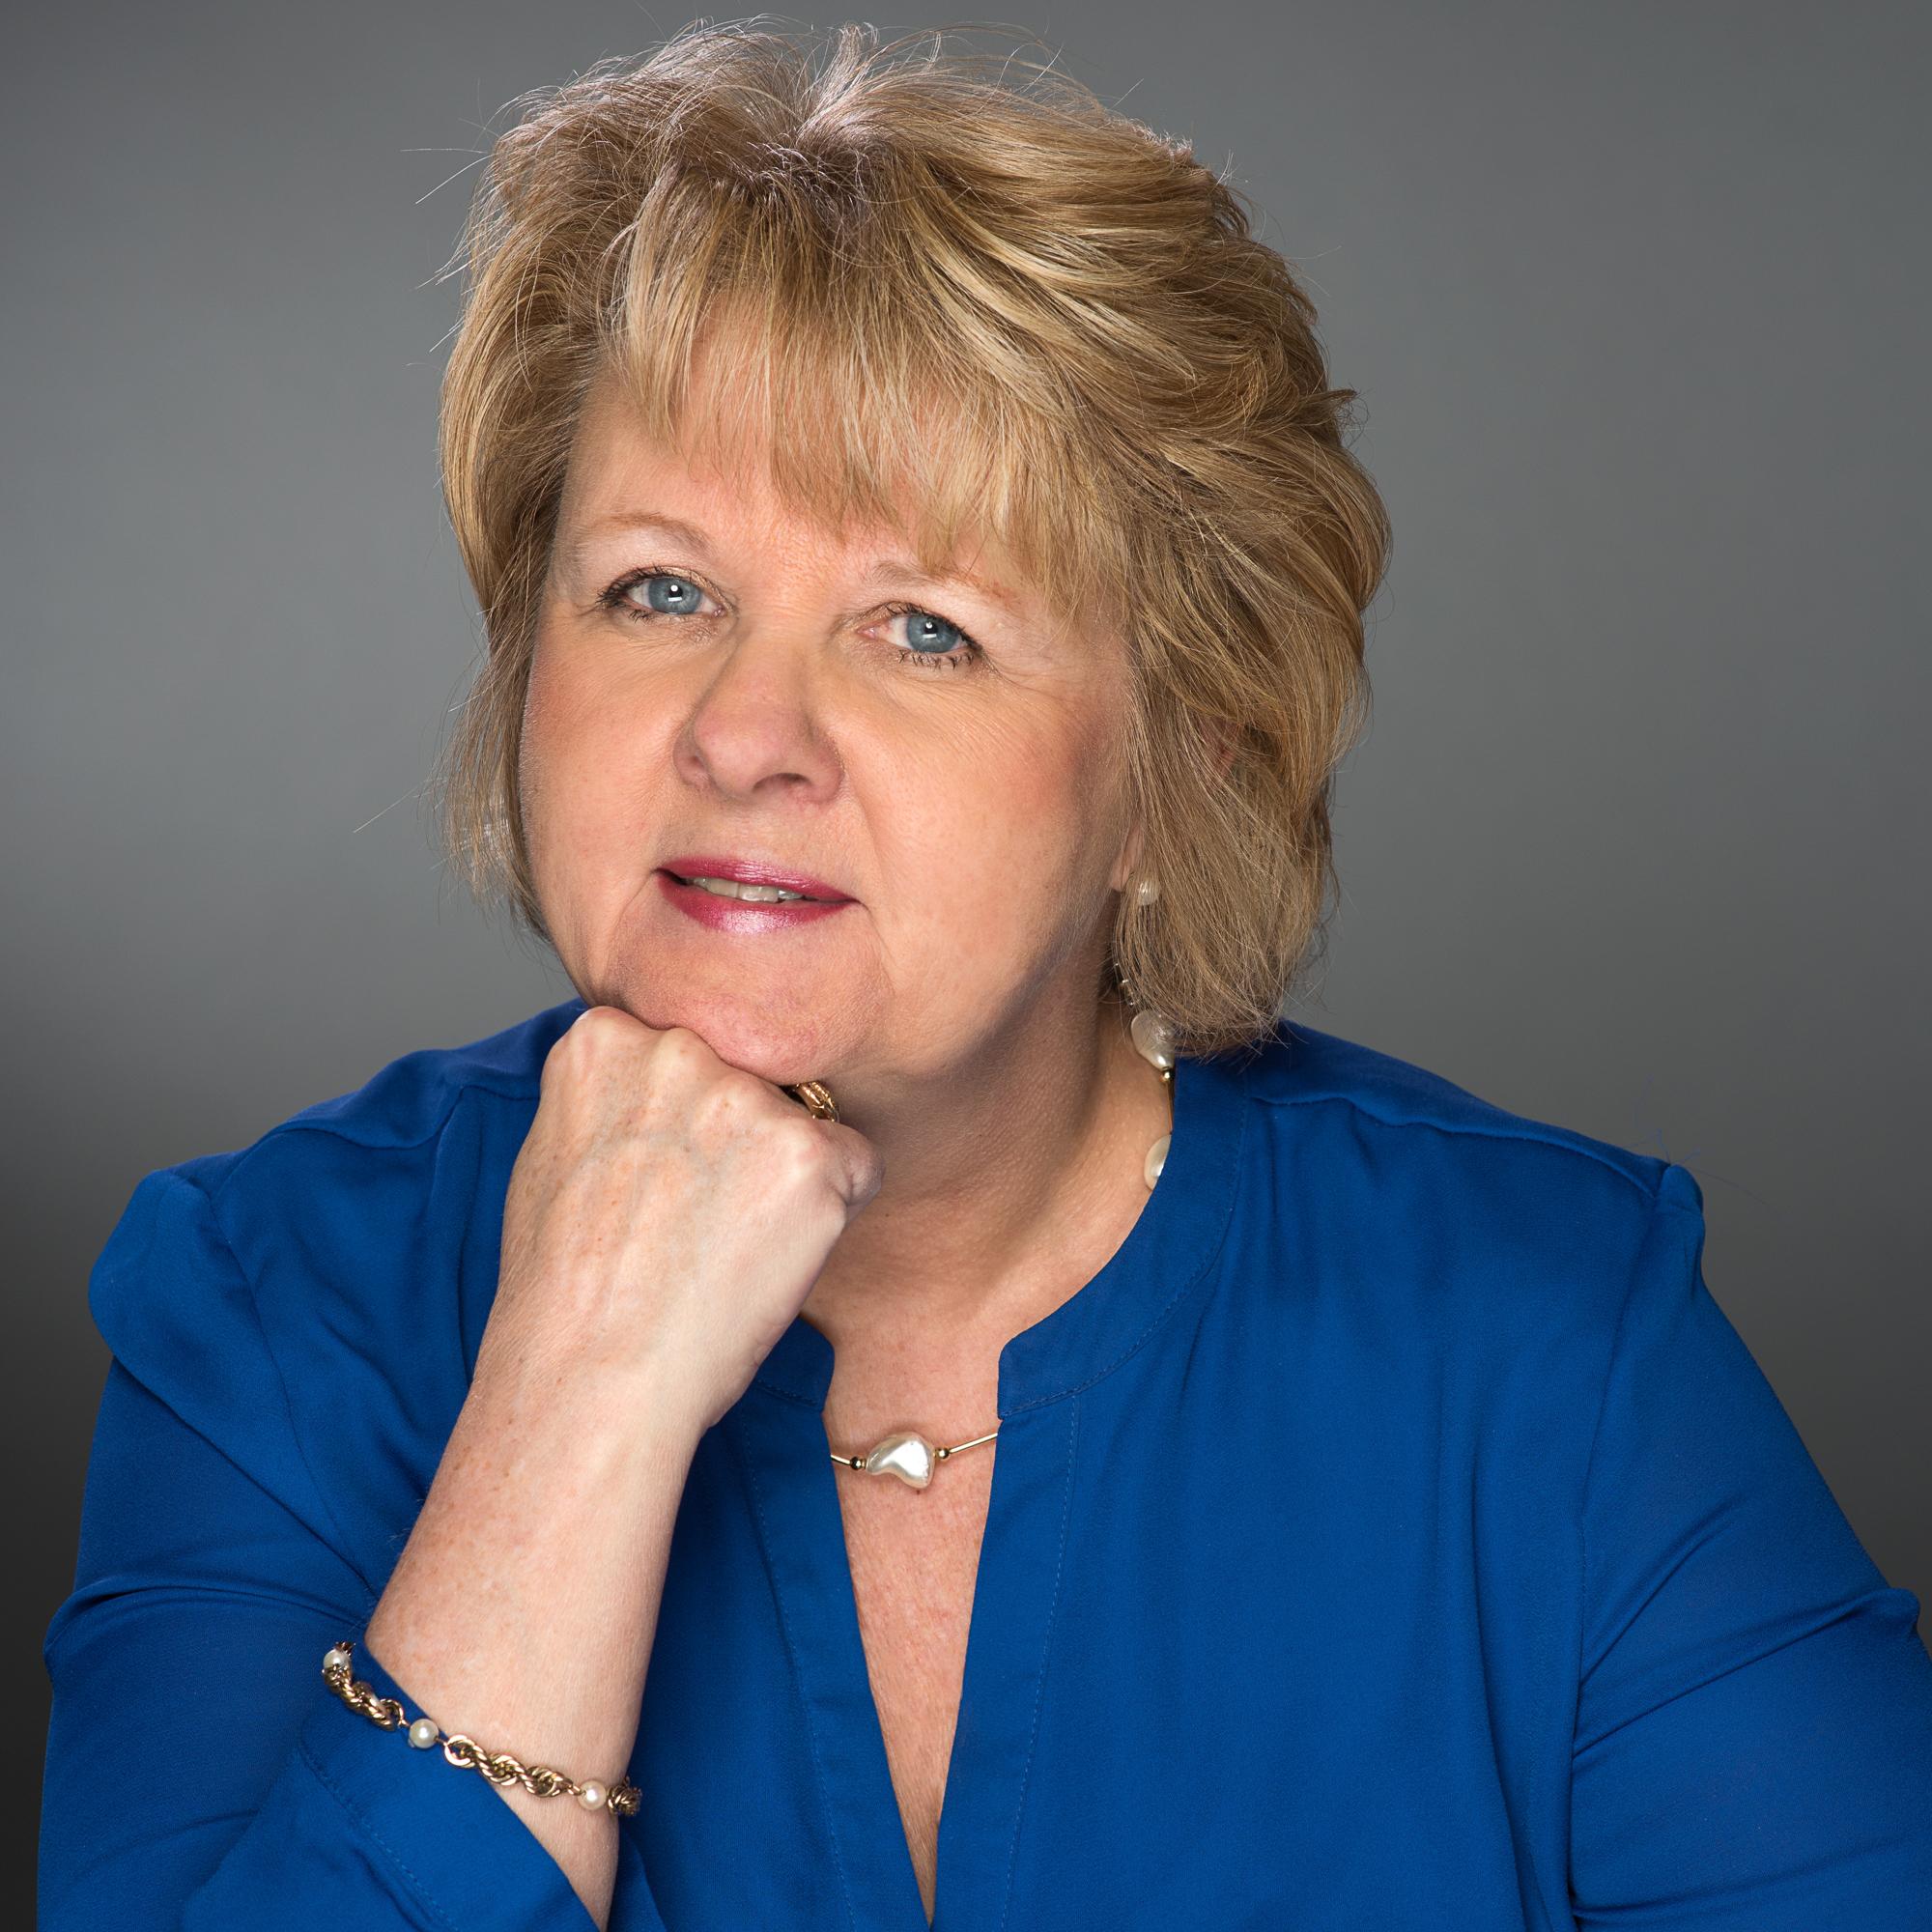 Eileen McVeigh